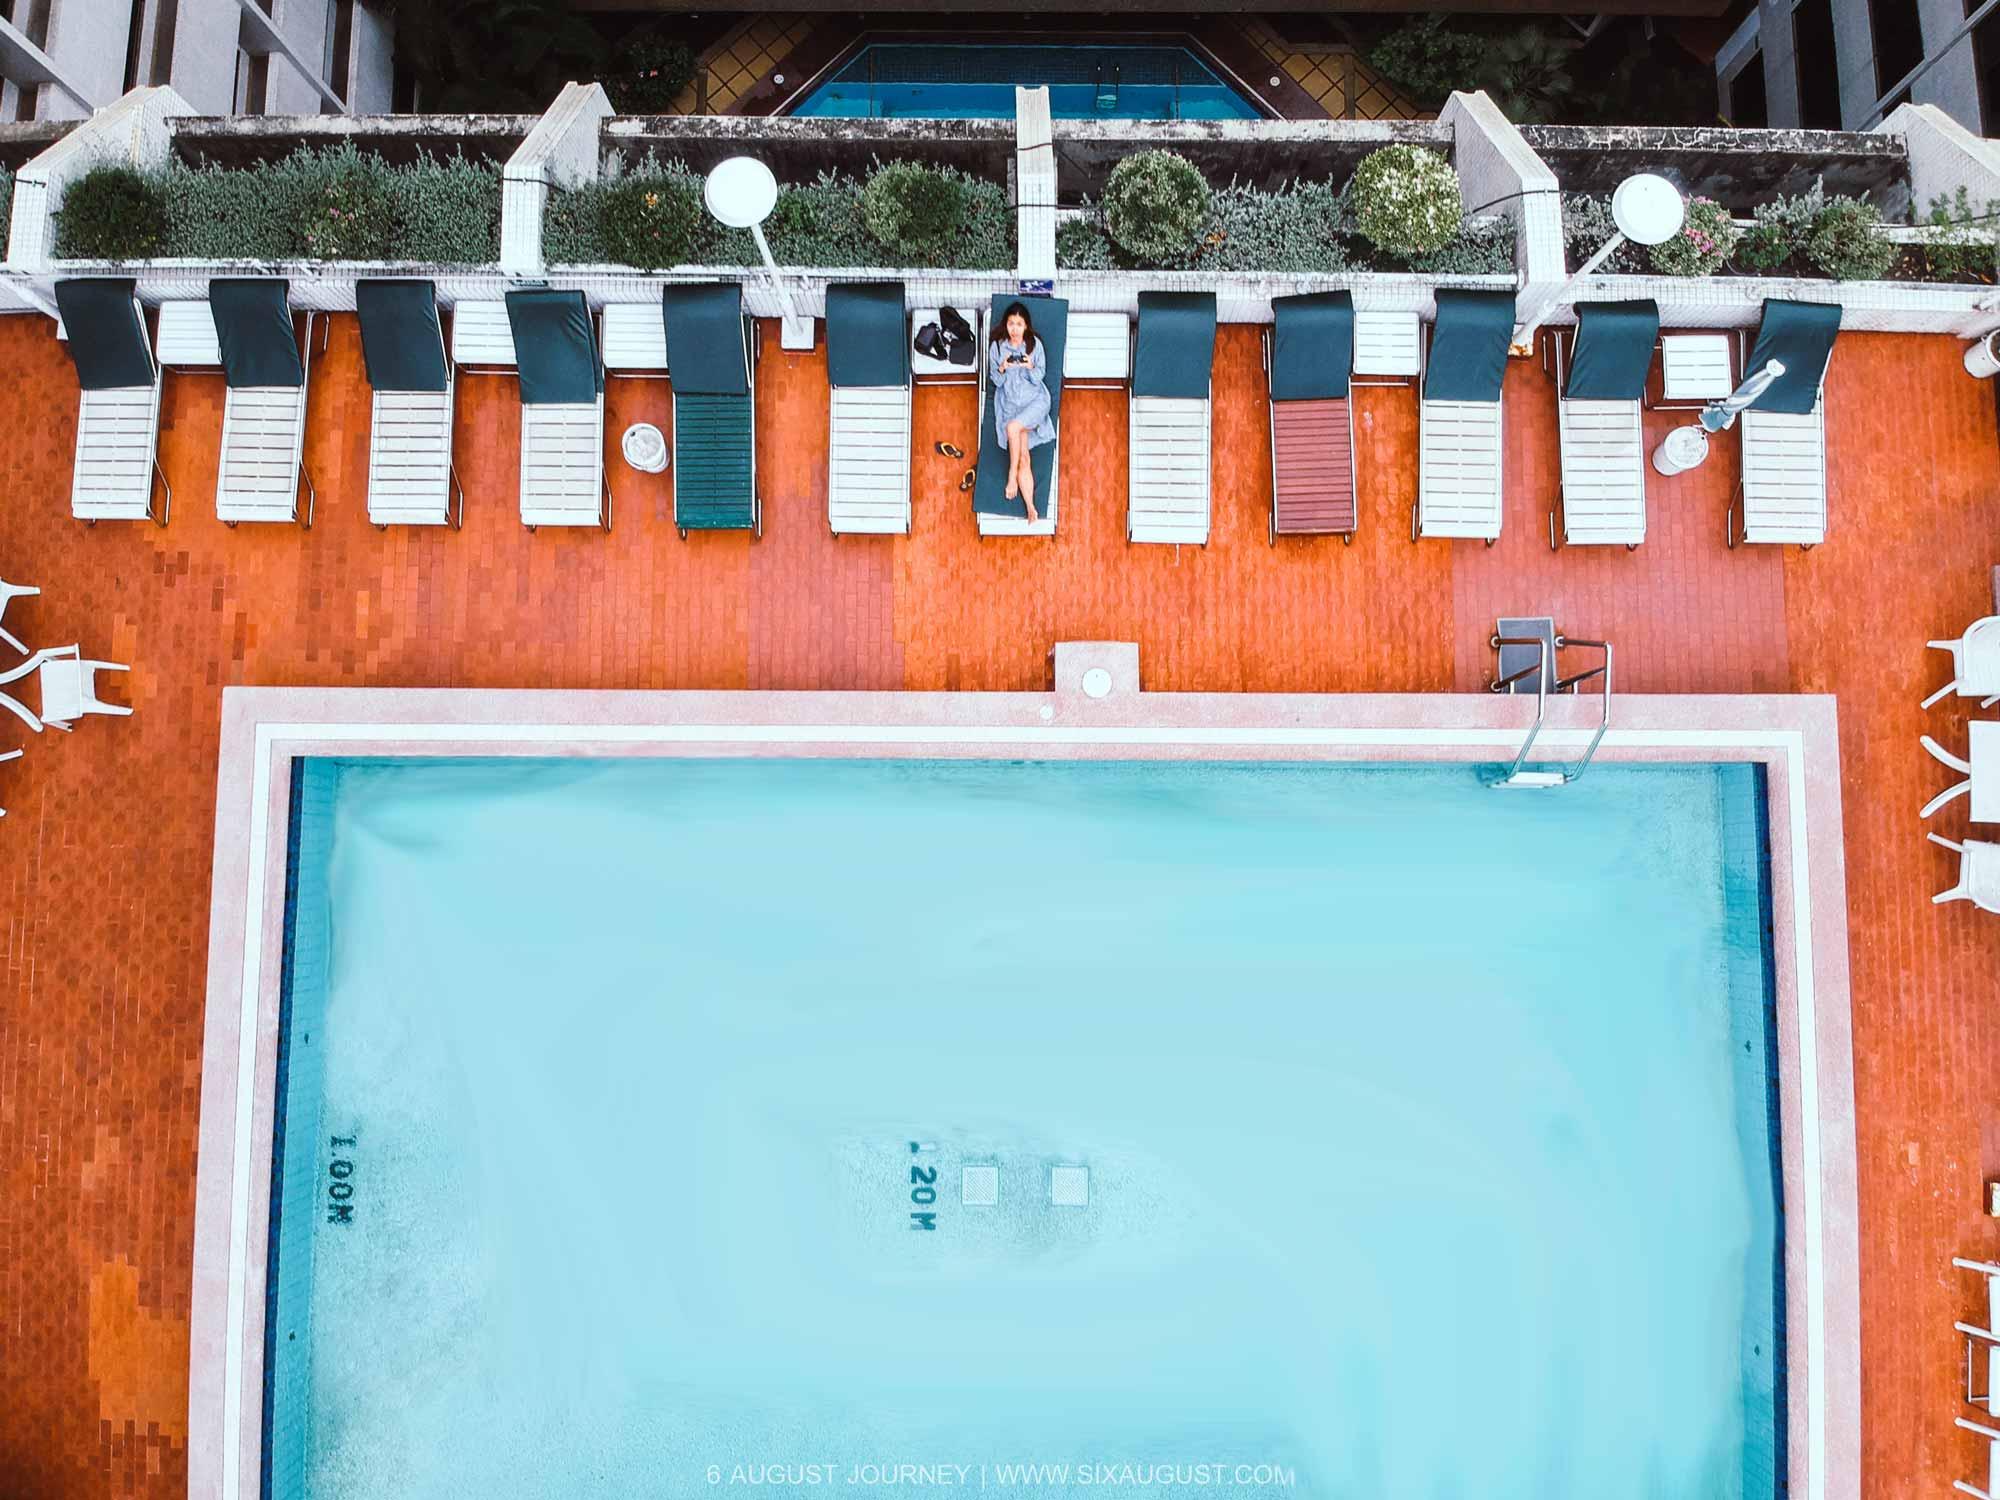 สระว่ายน้ำ โรงแรมเอเชีย รีวิว